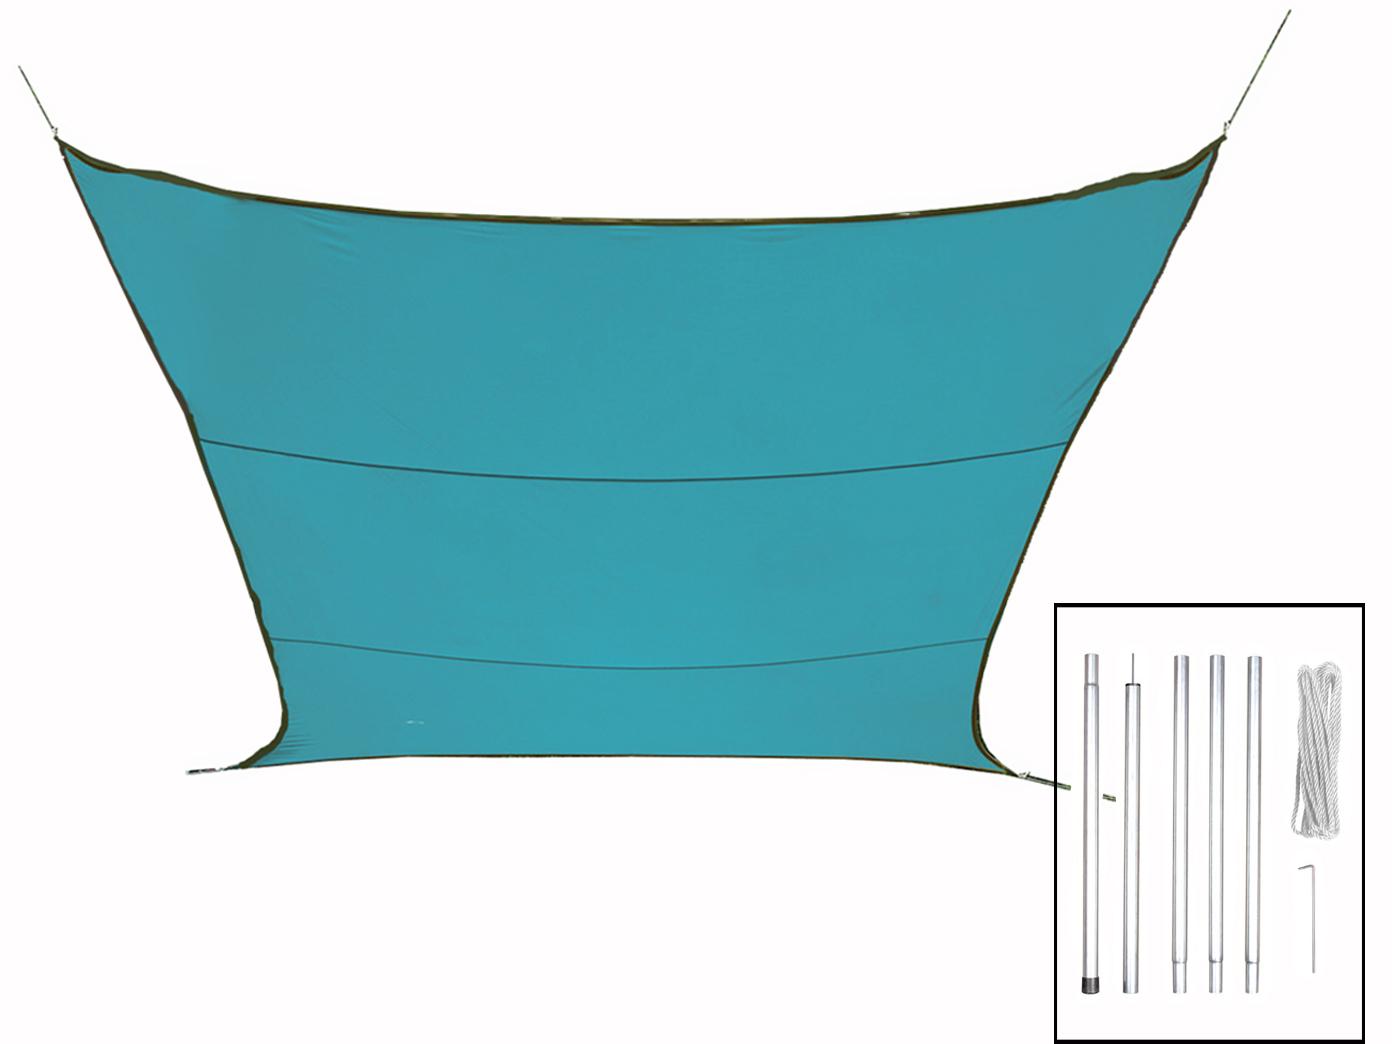 Sonnensegel rechteckig blau 4x3m mit Stangen, Sonnenschutzsegel für Terrasse